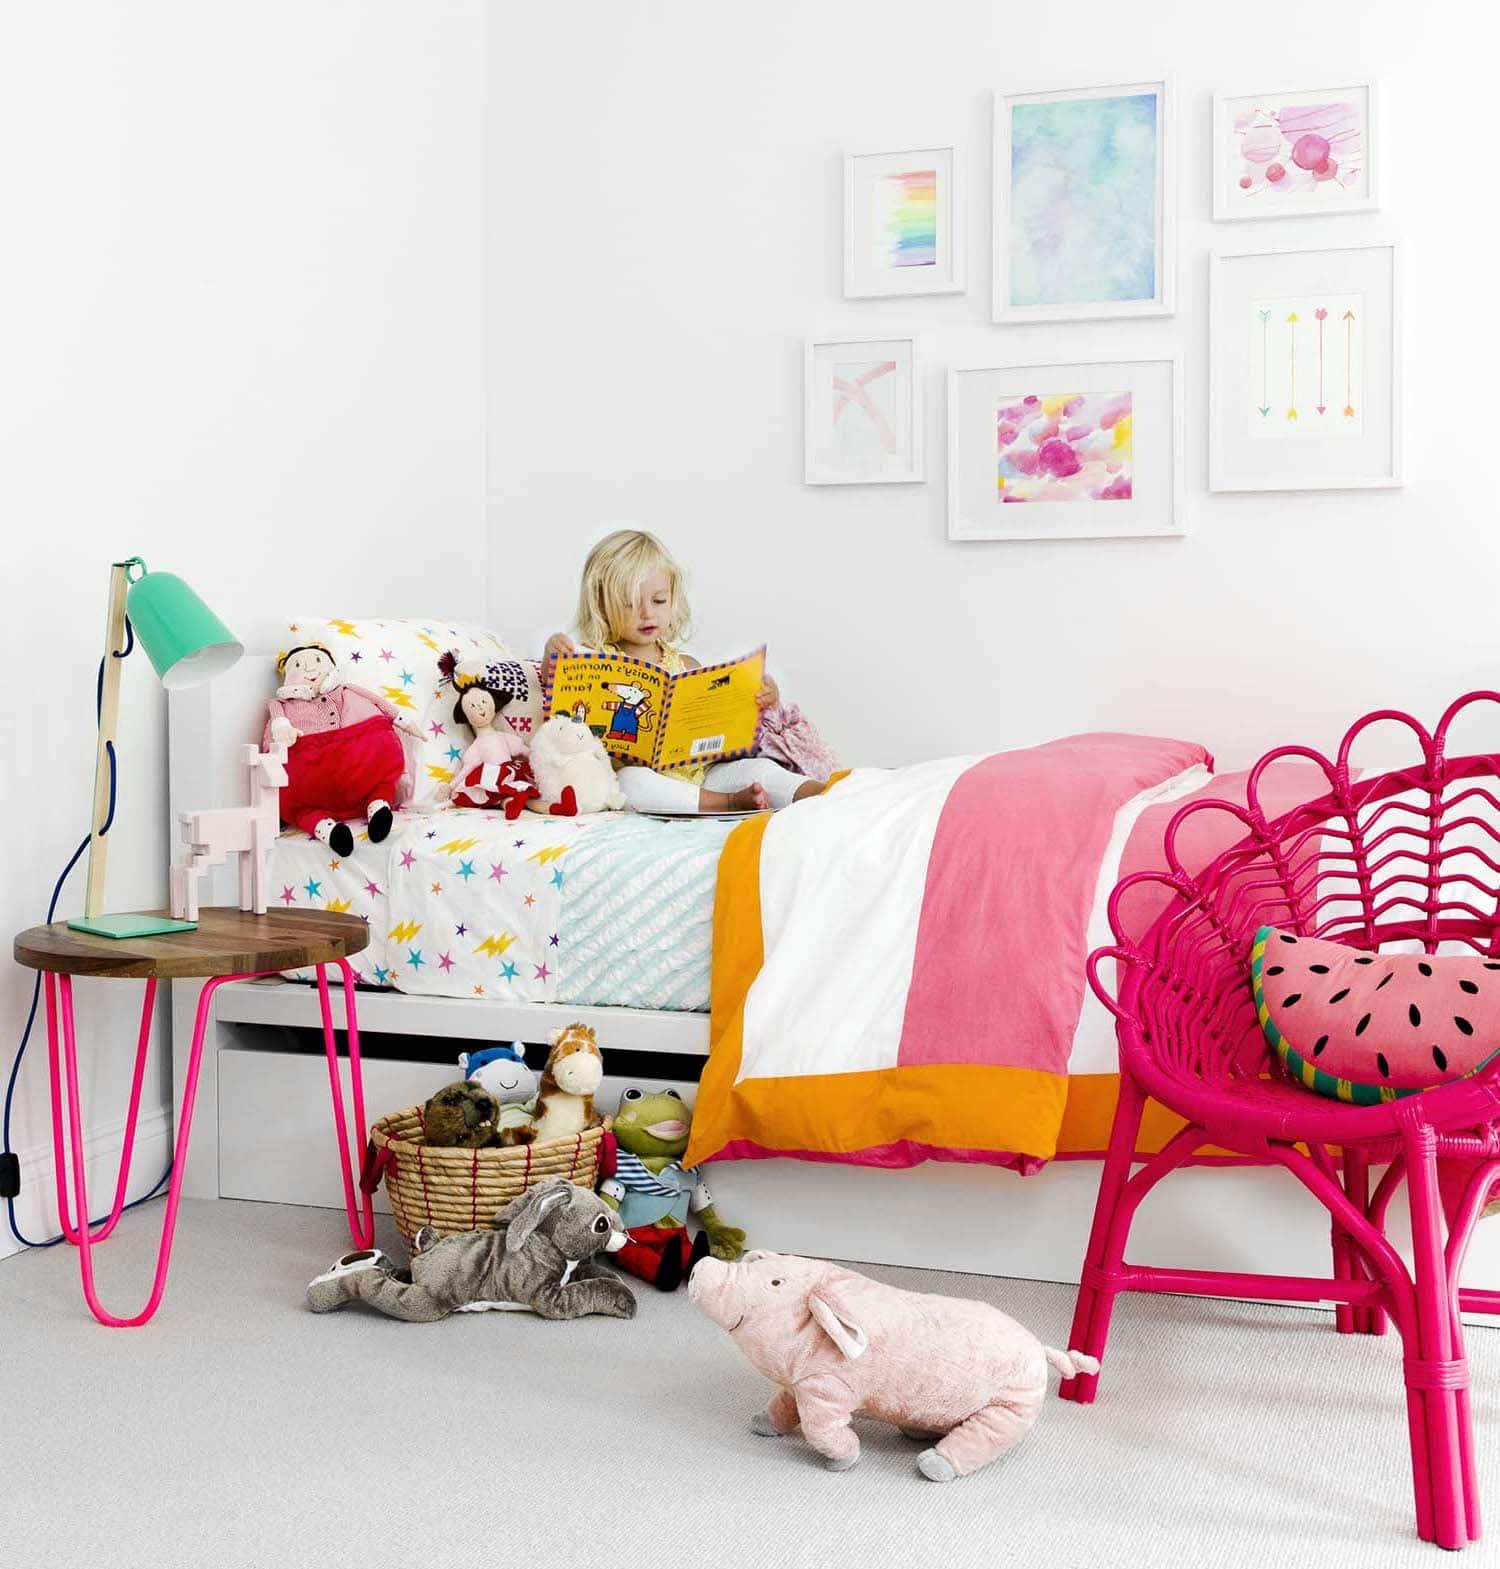 Главными критериями, по которым обычно выбирают кровать в детскую является её удобство и устойчивость конструкции